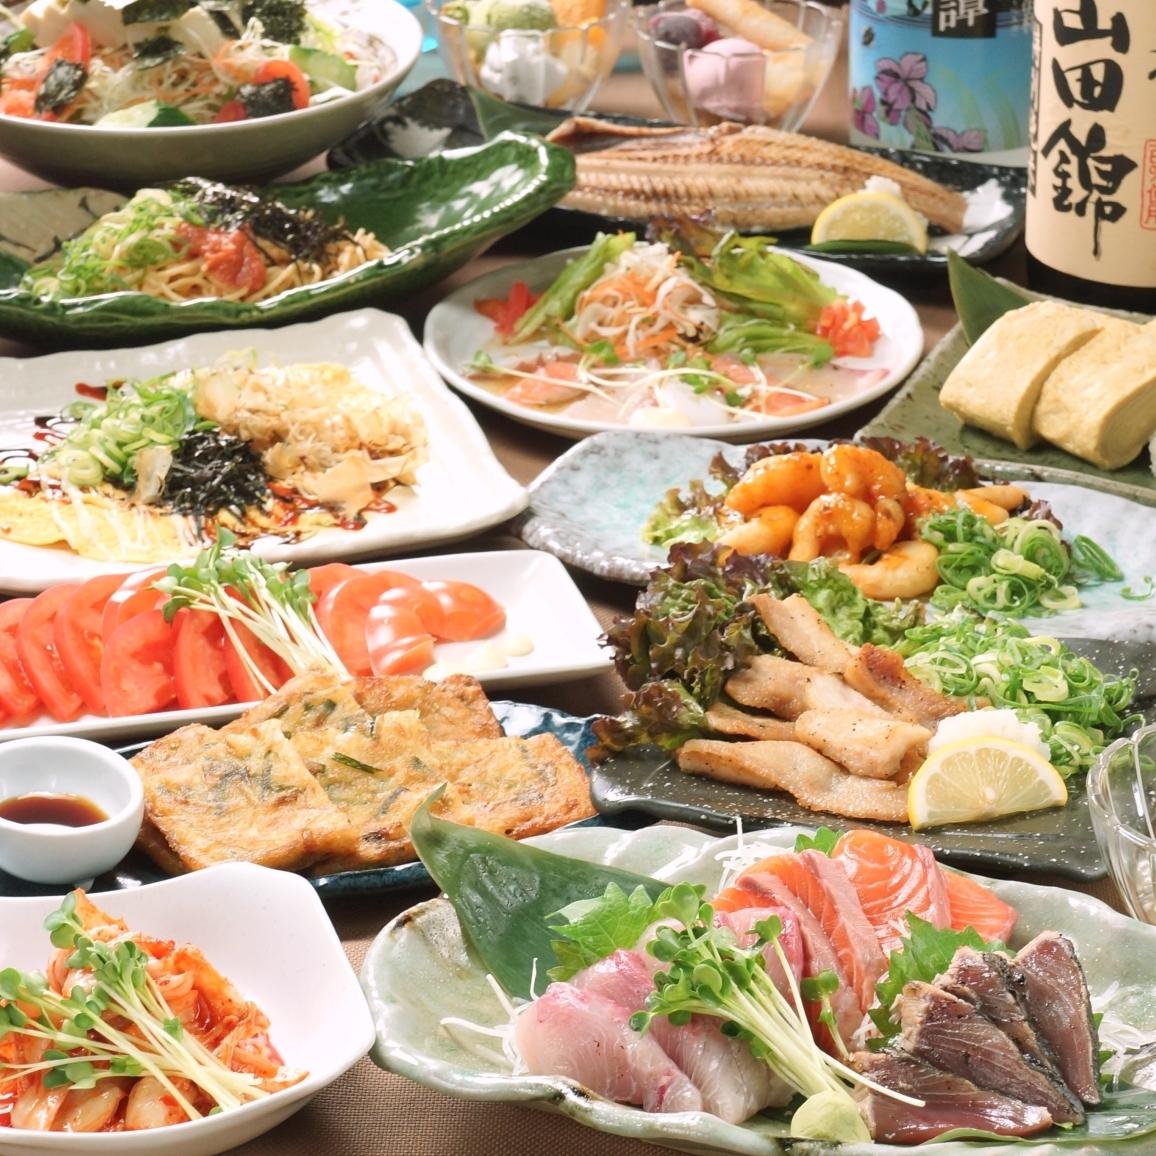 所有商品OK所有你可以吃3180日元的饮料